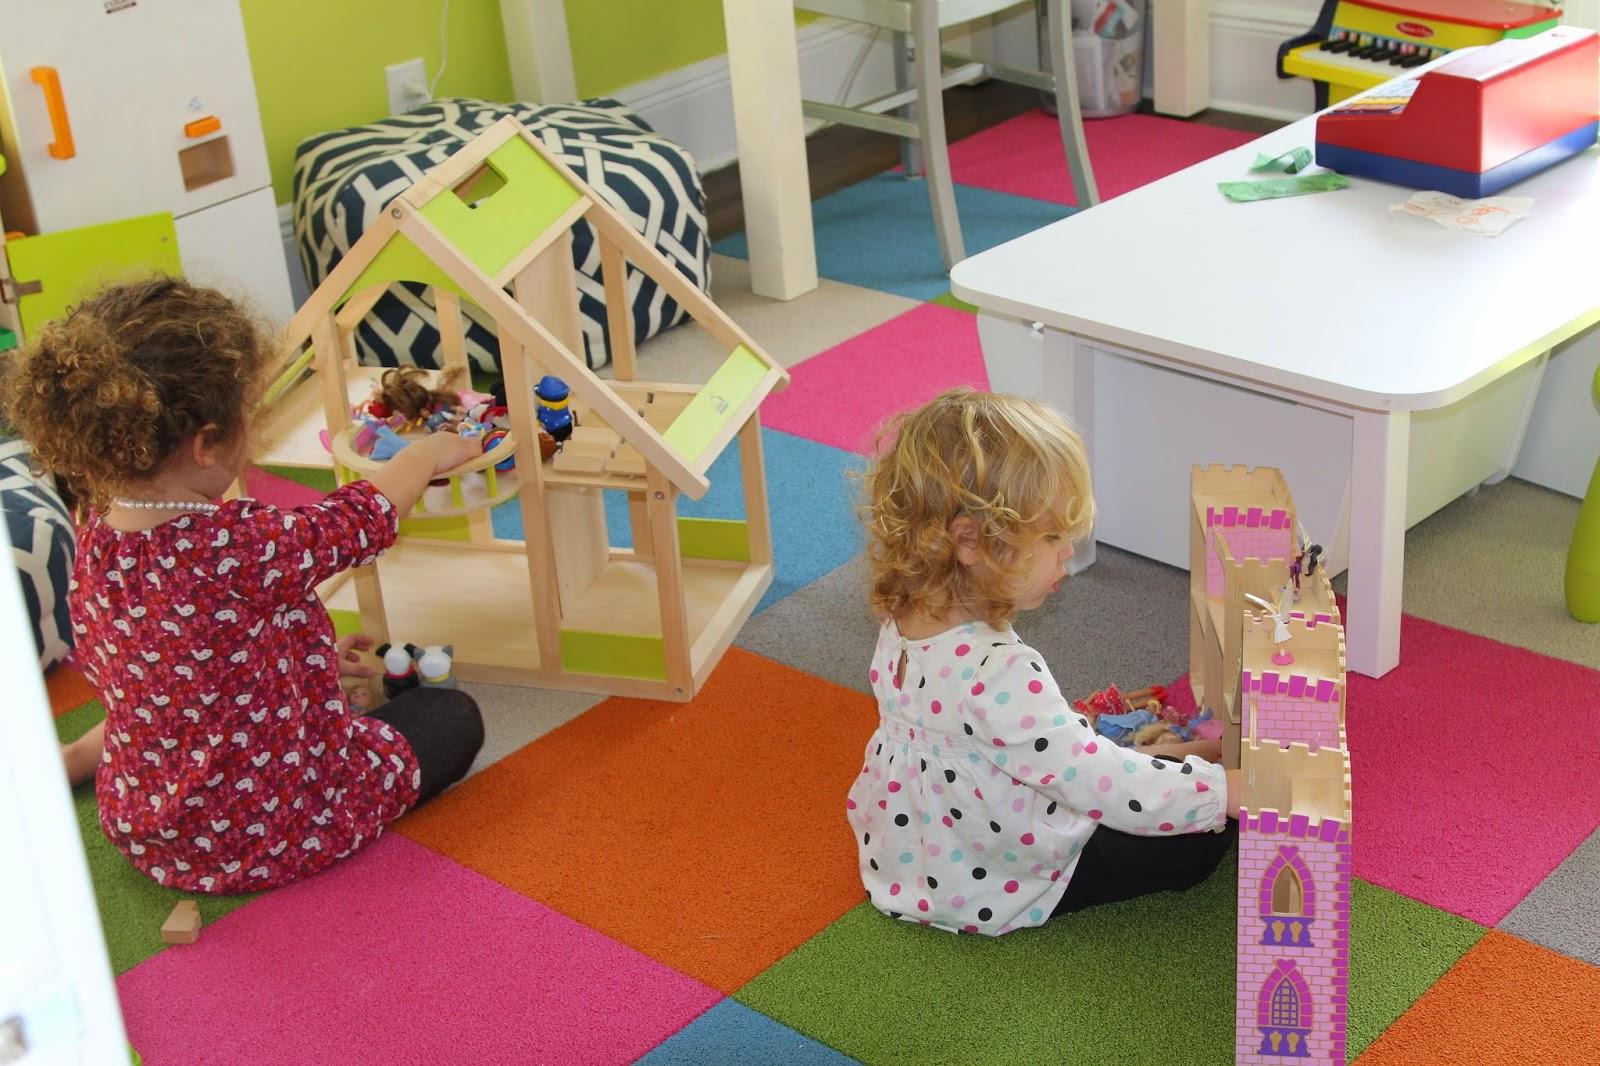 Design Playroom Carpet installing flor carpet tiles for leas new playroom cozy home image via